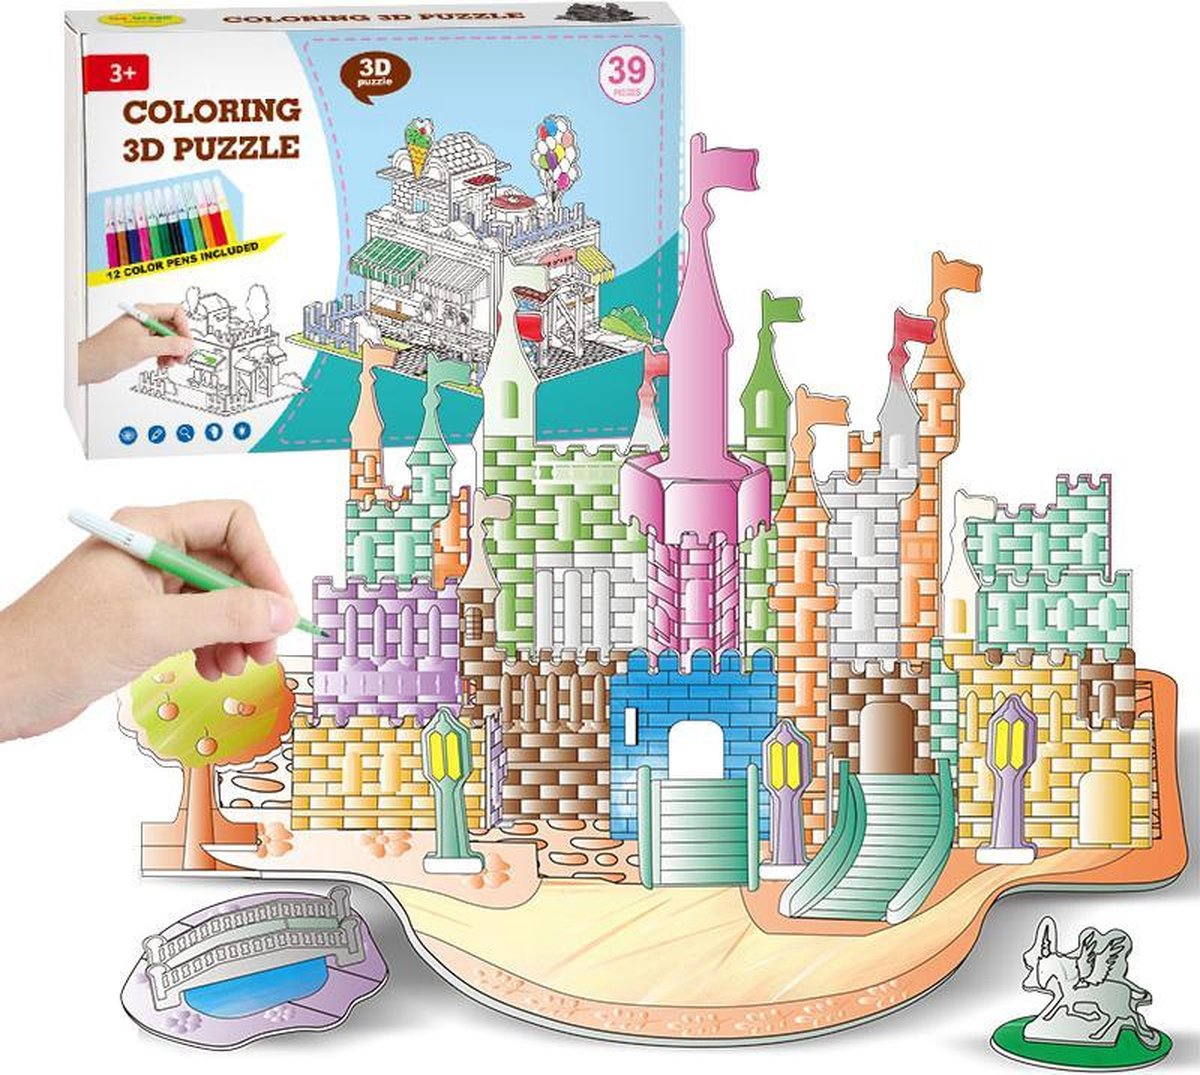 """3D Puzzel """" Kasteel B&C 2 in 1 Set' Speelgoed voor kinderen - Jongens En Meisjes - Voertuigen - Villa - Kasteel - Tekenen - Kleuren - Knutselen - Vanaf 3 Jaar Oud - Leerzaam"""